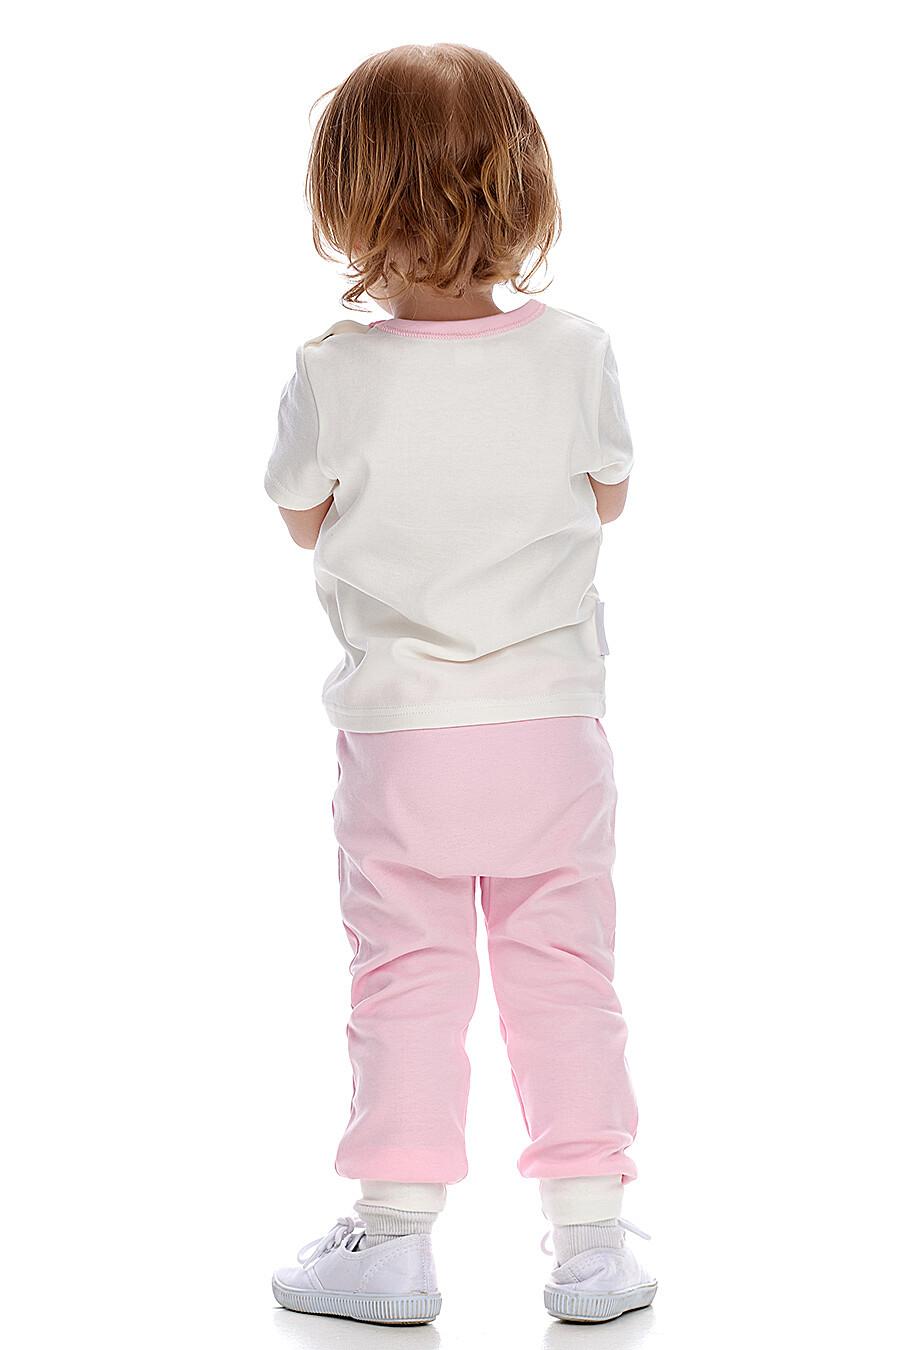 Футболка для девочек LUCKY CHILD 184776 купить оптом от производителя. Совместная покупка детской одежды в OptMoyo